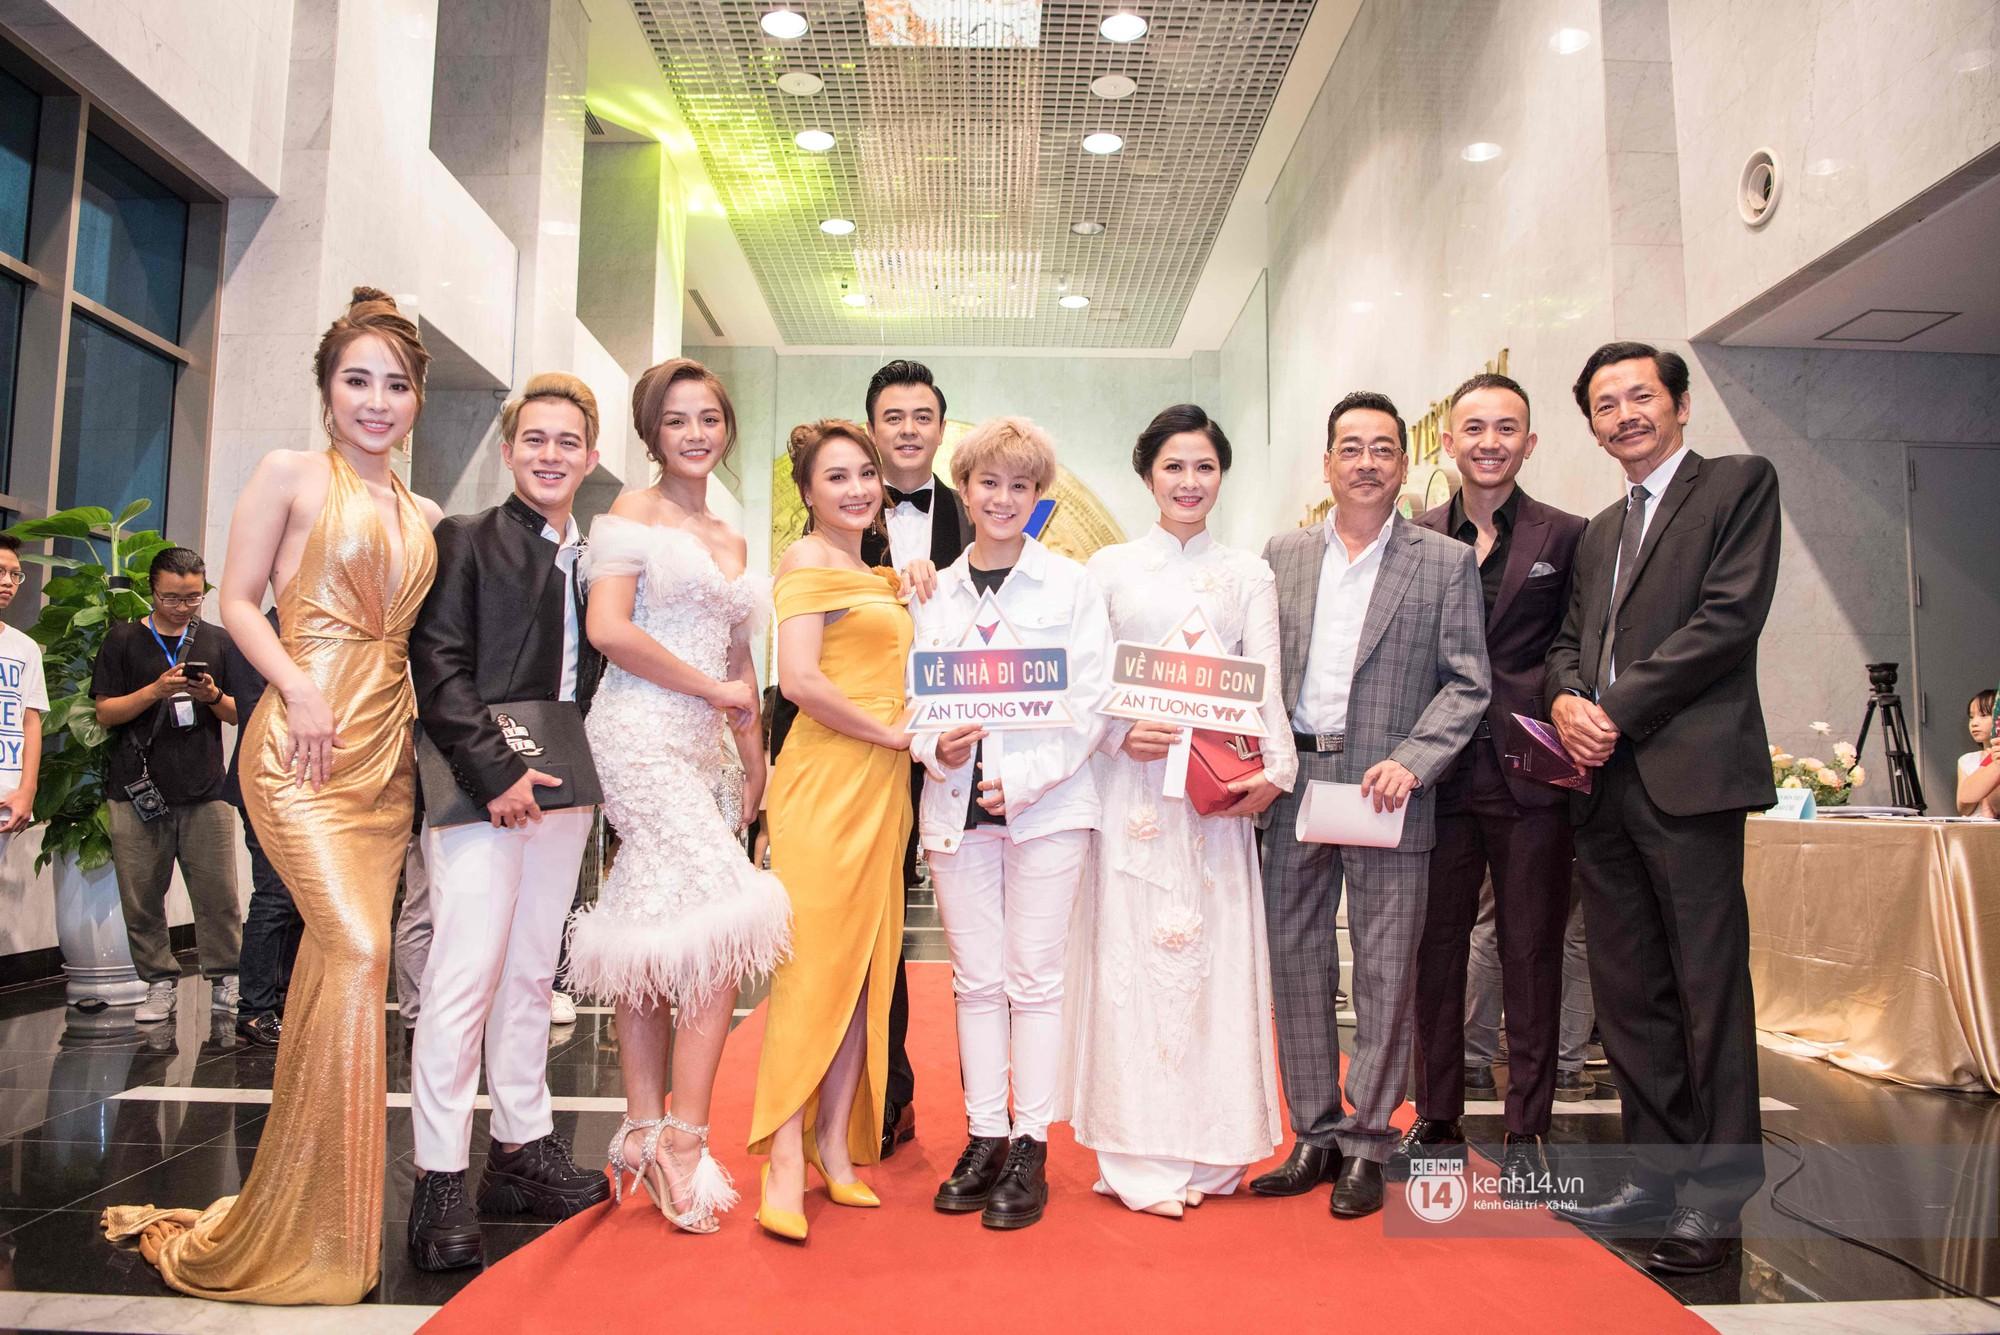 VZN News: Dàn sao khủng đổ bộ thảm đỏ VTV Awards: Bảo Thanh rạng rỡ hội ngộ gia đình Về nhà đi con, Nhã Phương lẻ bóng - Ảnh 9.